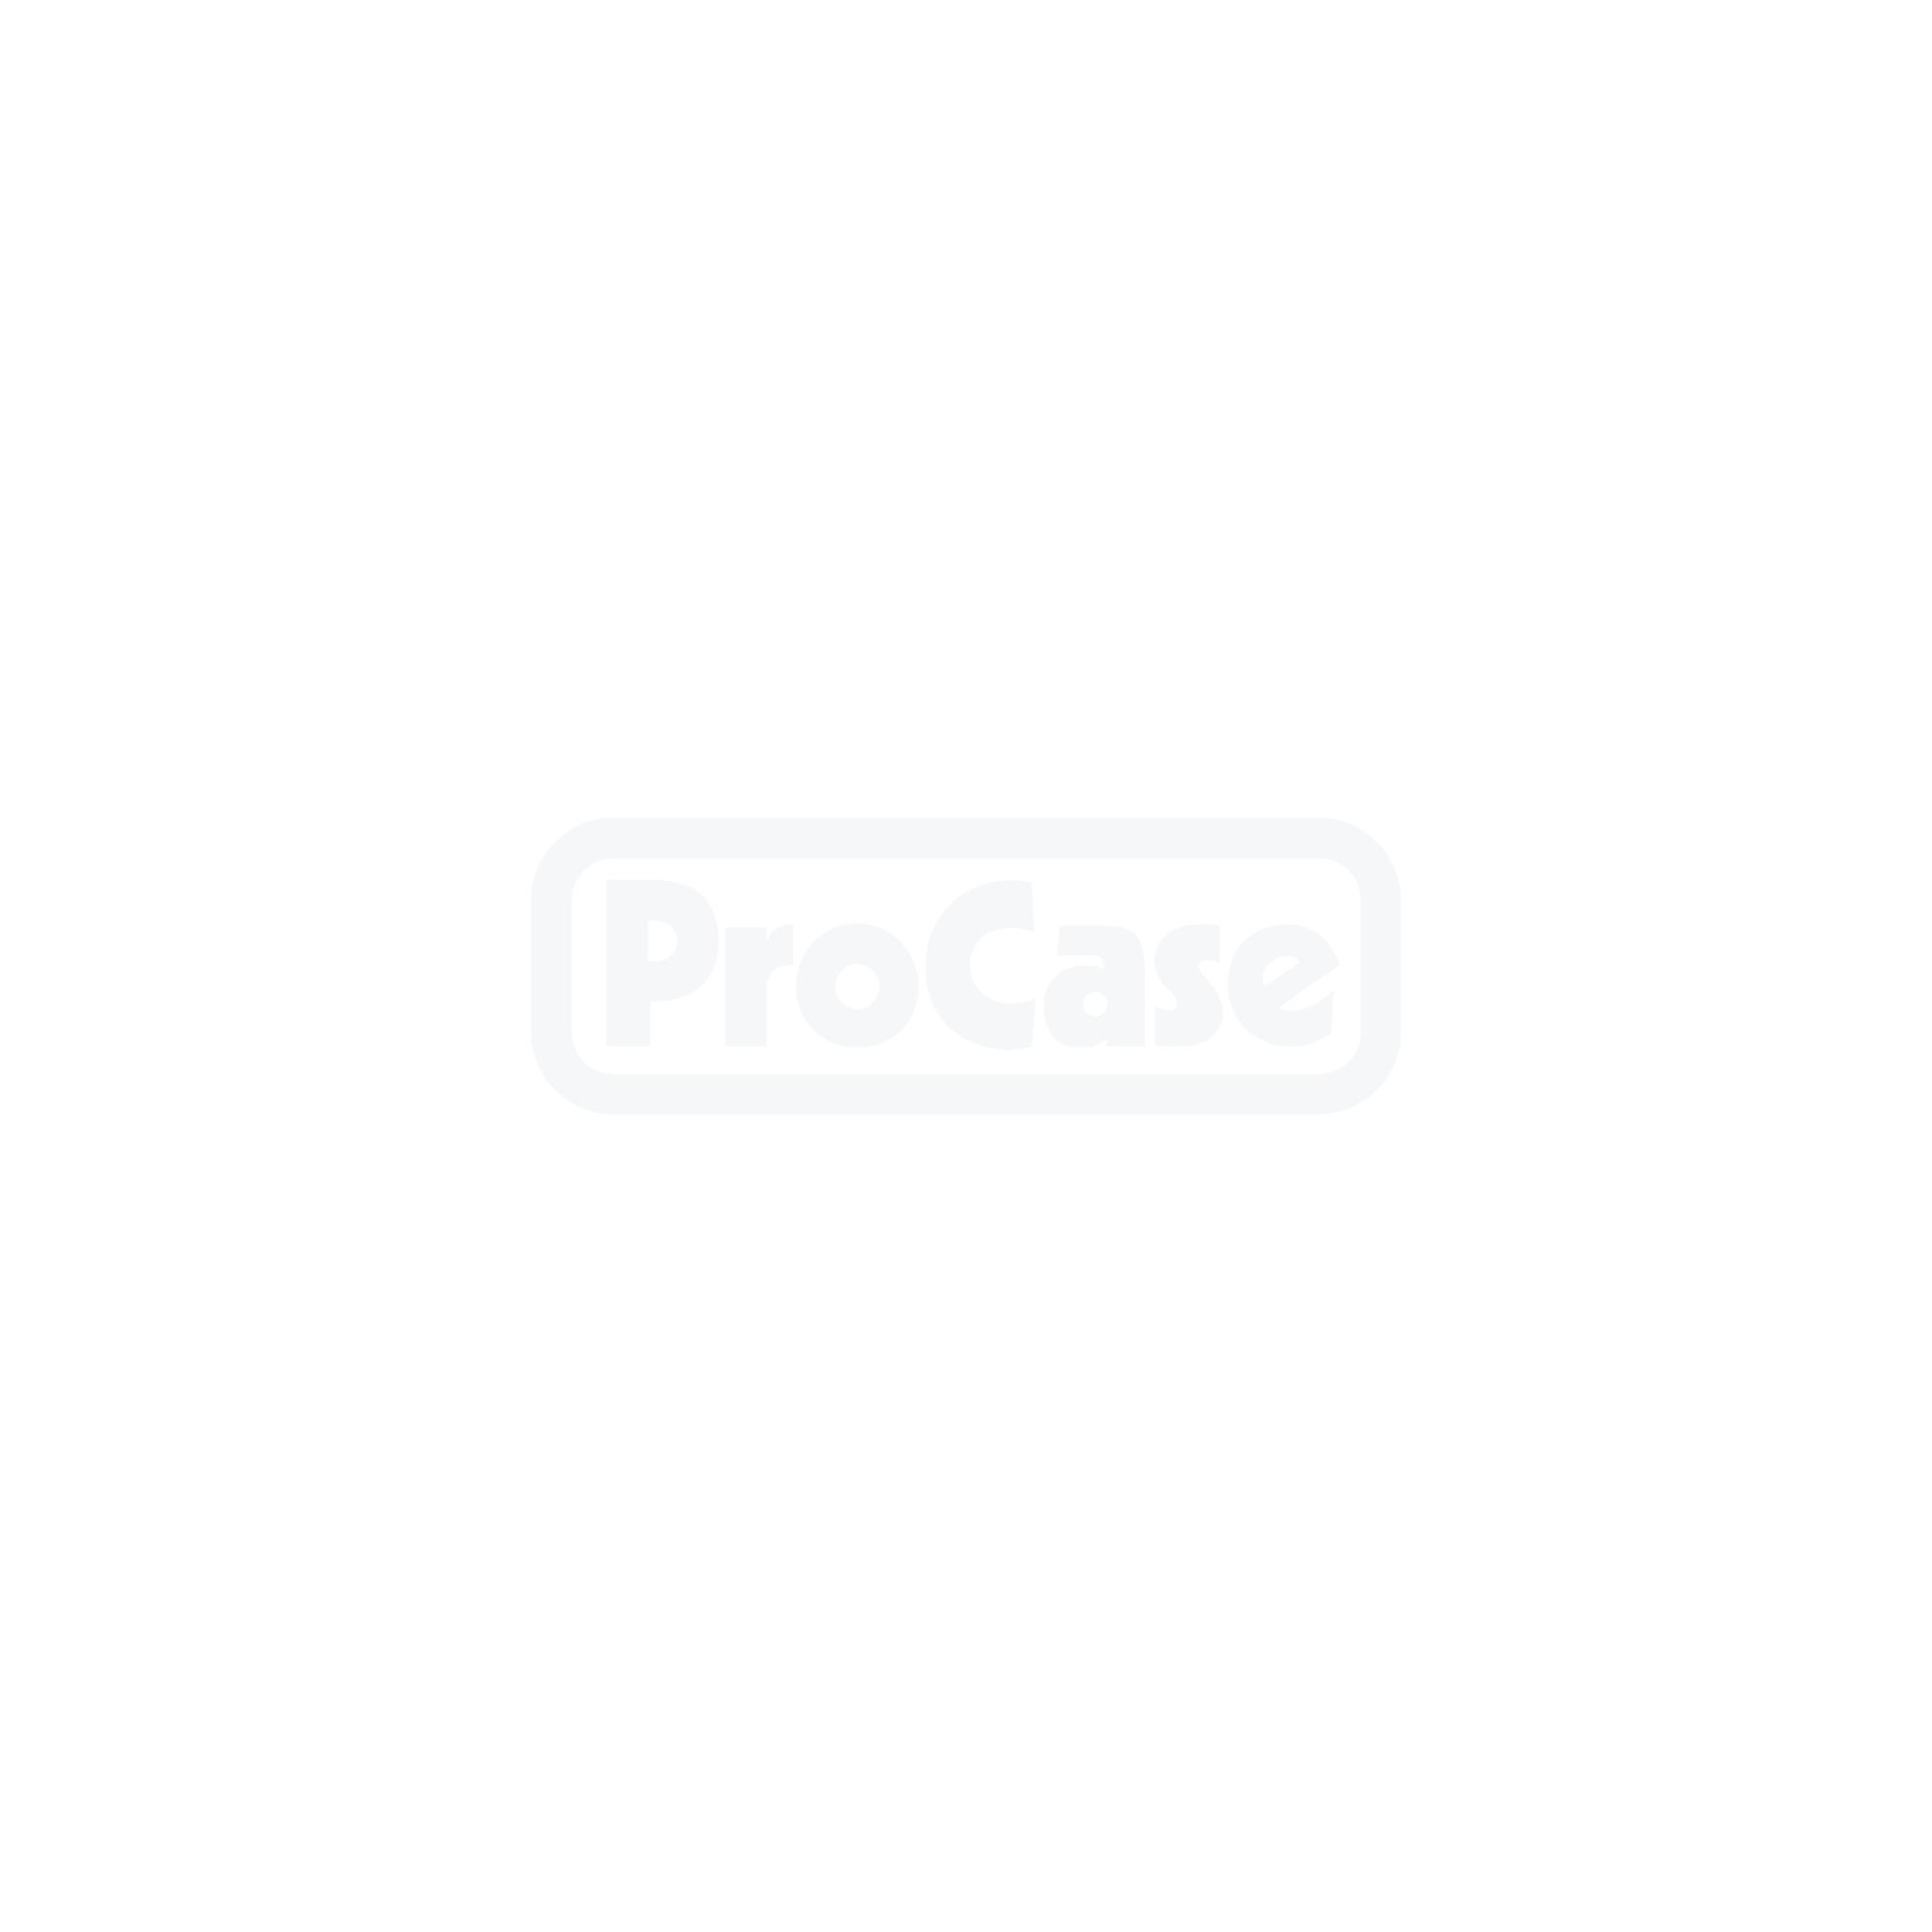 Flightcase für 4 Panasonic AW-UE150 und 1 AW-RP150